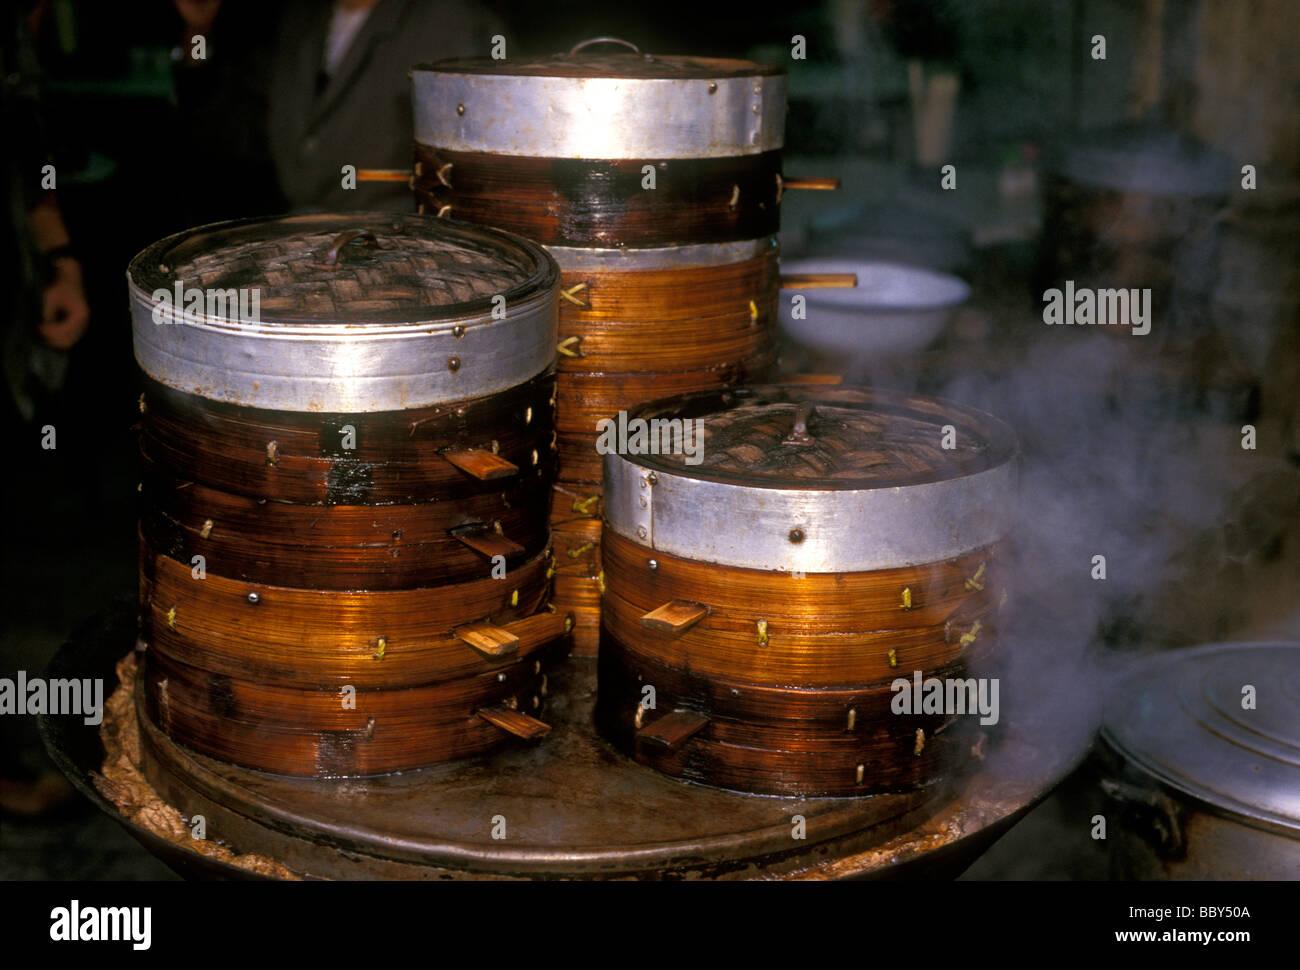 Bambus Bambus Steamer Dampfgarer Steamered Essen Essen Hersteller